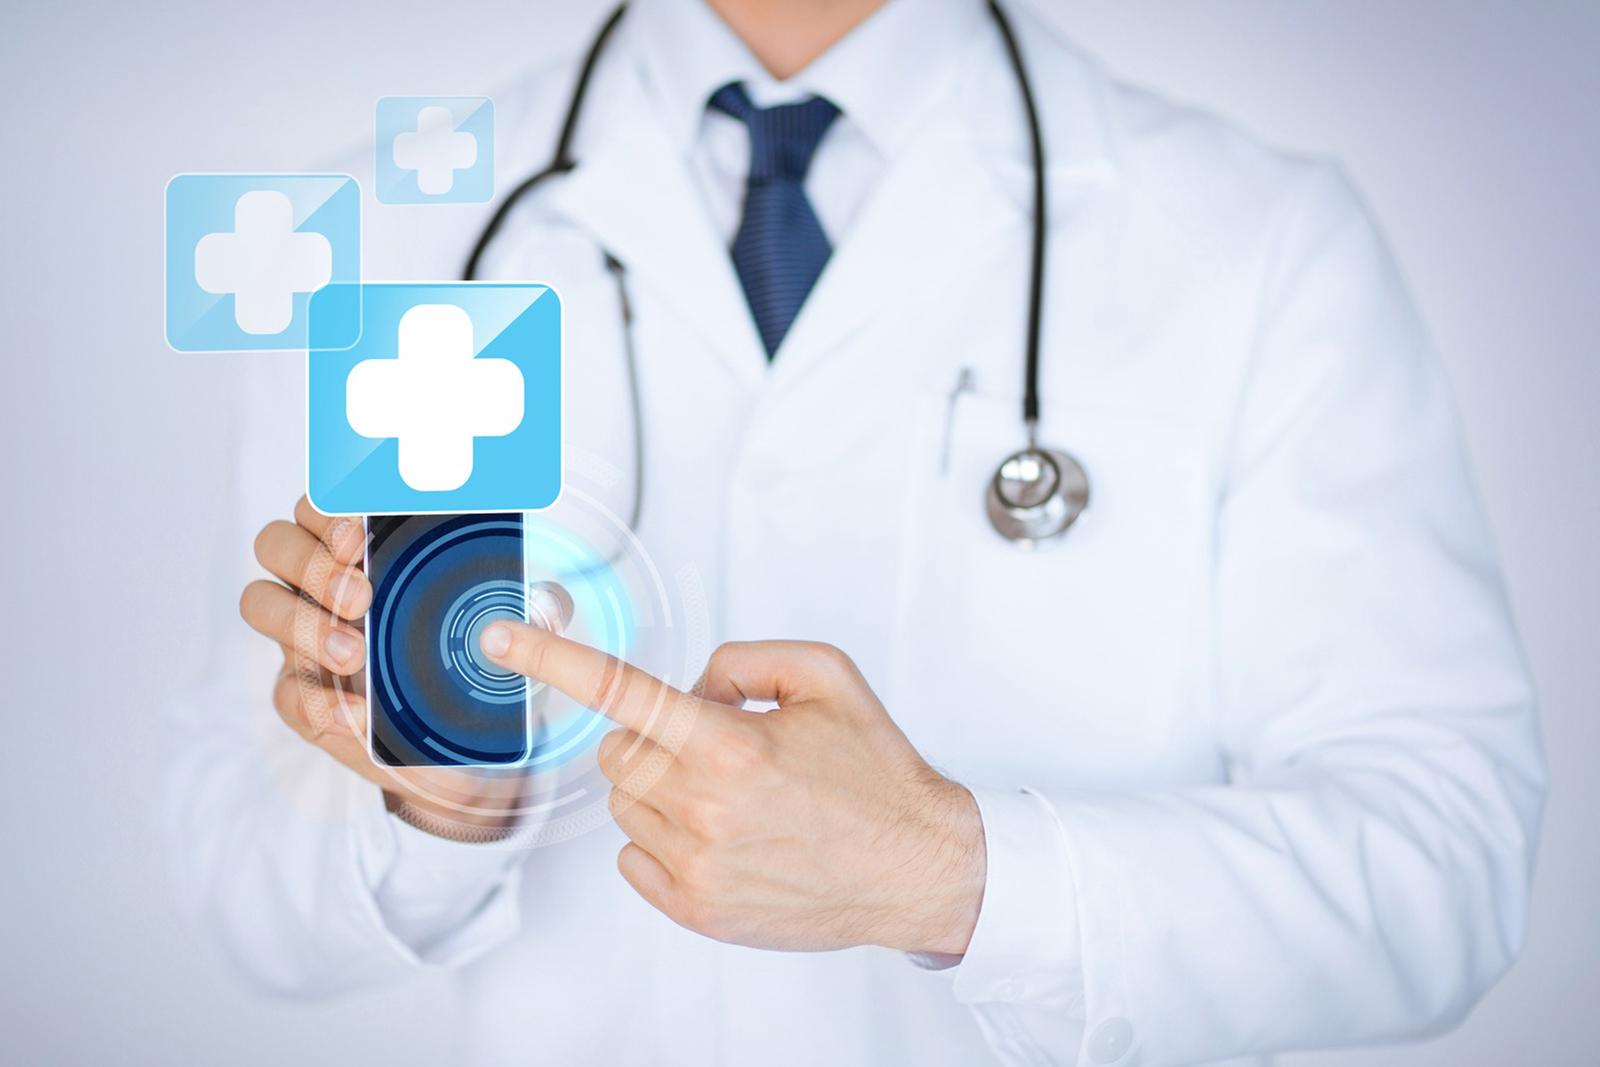 Tele2 запустил мобильную клинику в смартфоне